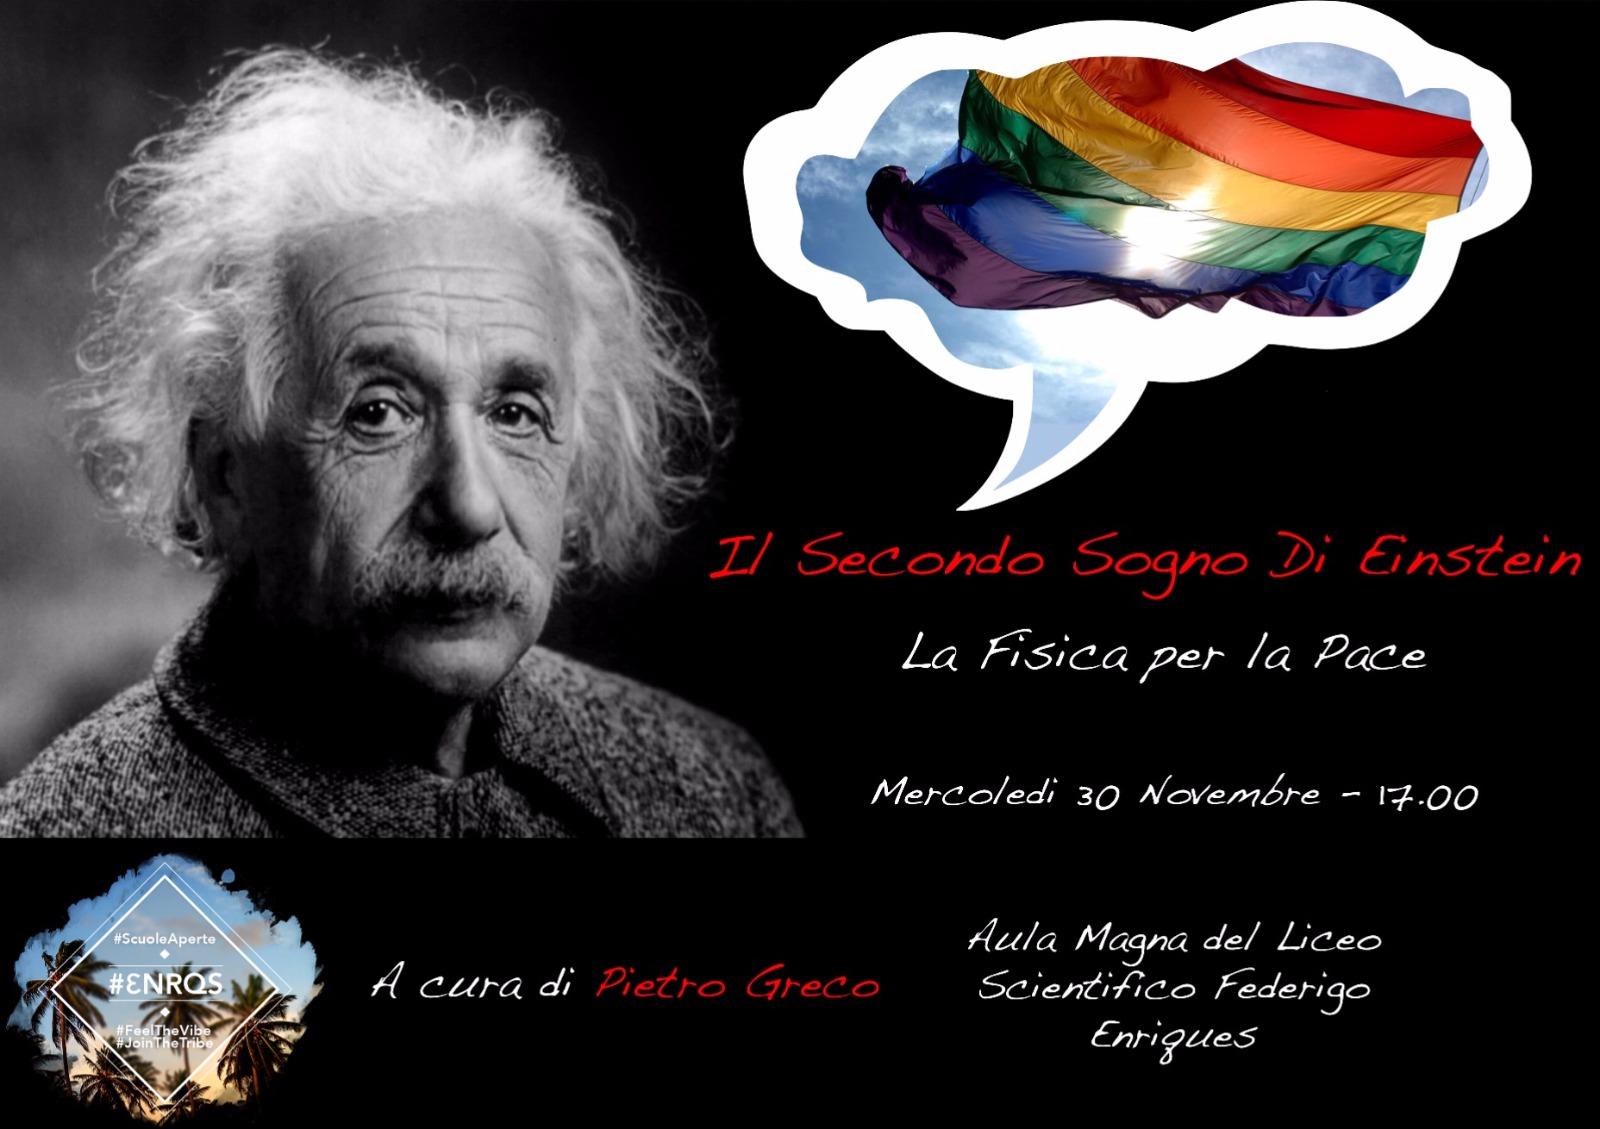 il secondo sogno di Einstein